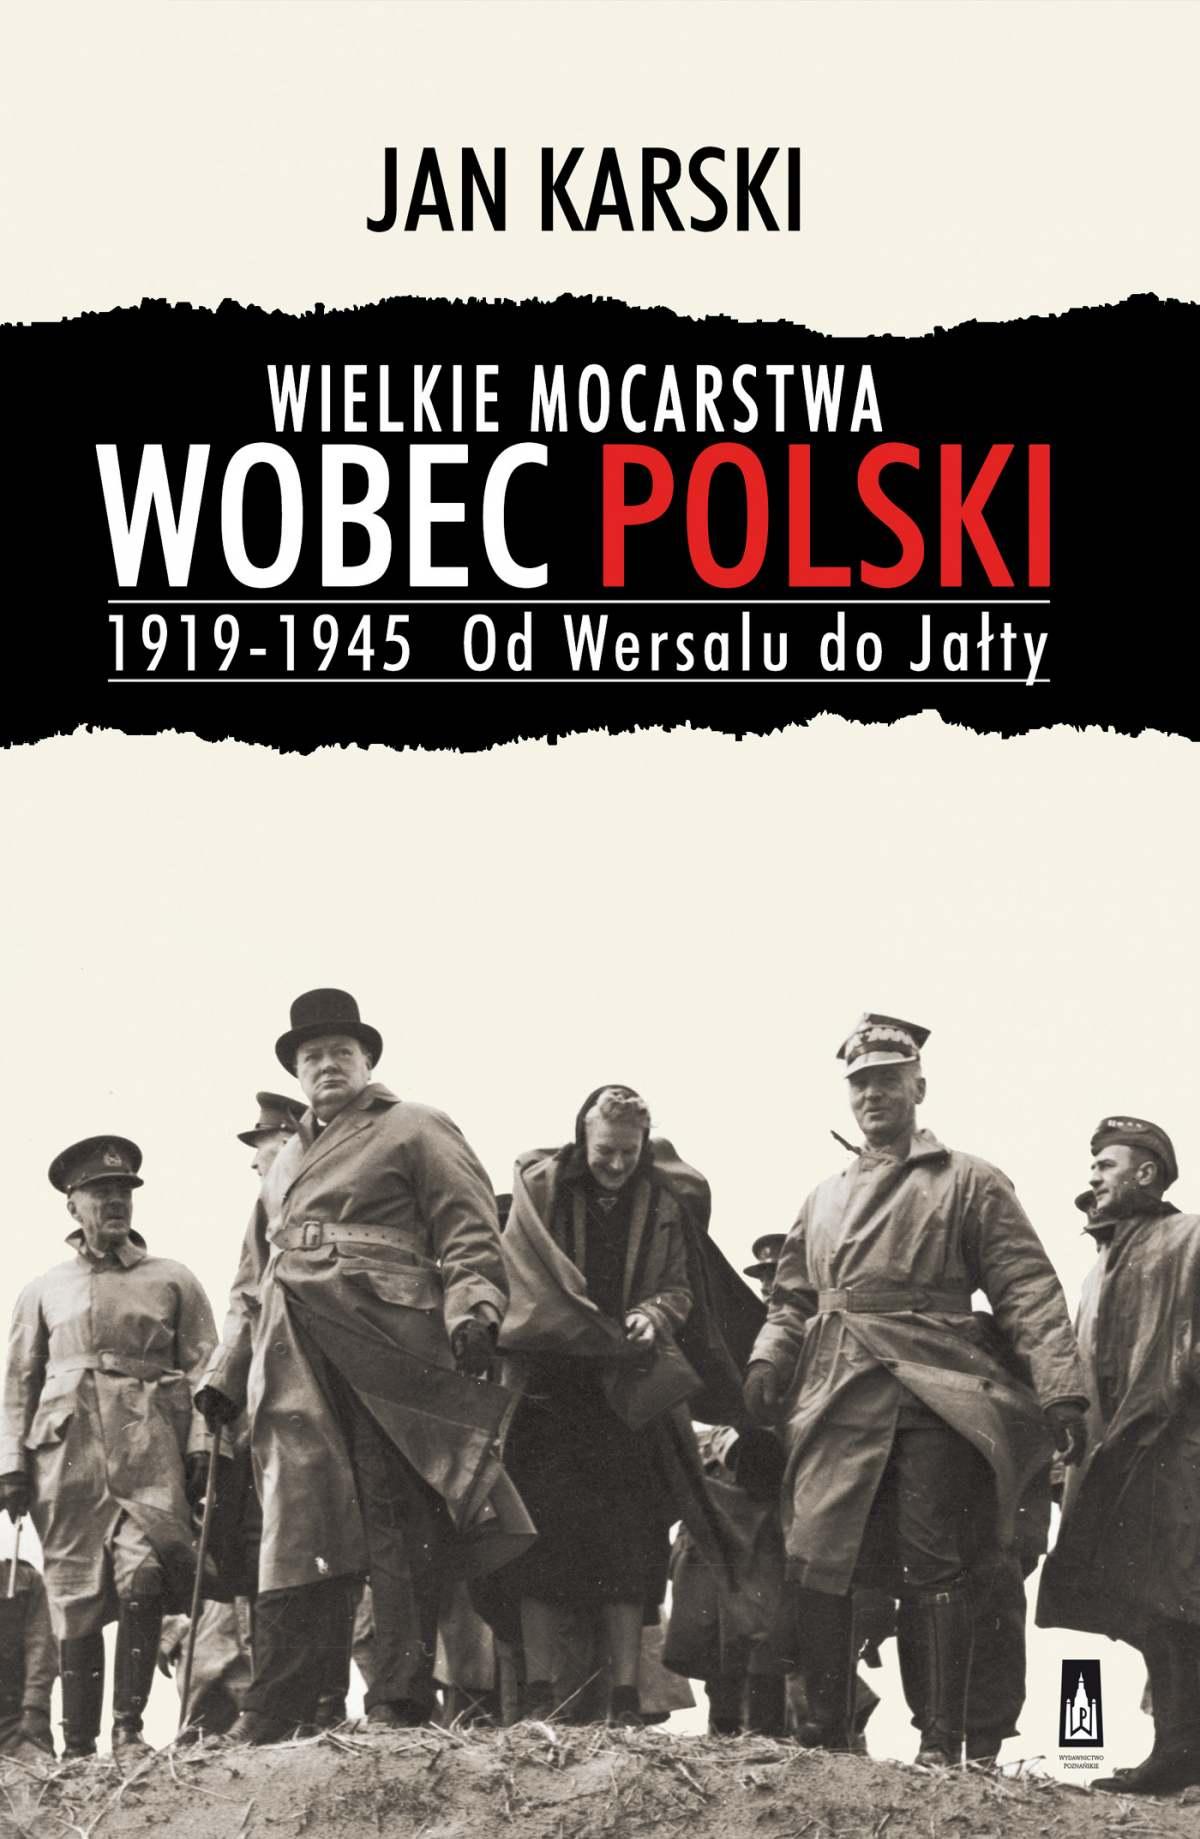 Wielkie mocarstwa wobec Polski 1919-1945. Od Wersalu do Jałty - Ebook (Książka EPUB) do pobrania w formacie EPUB